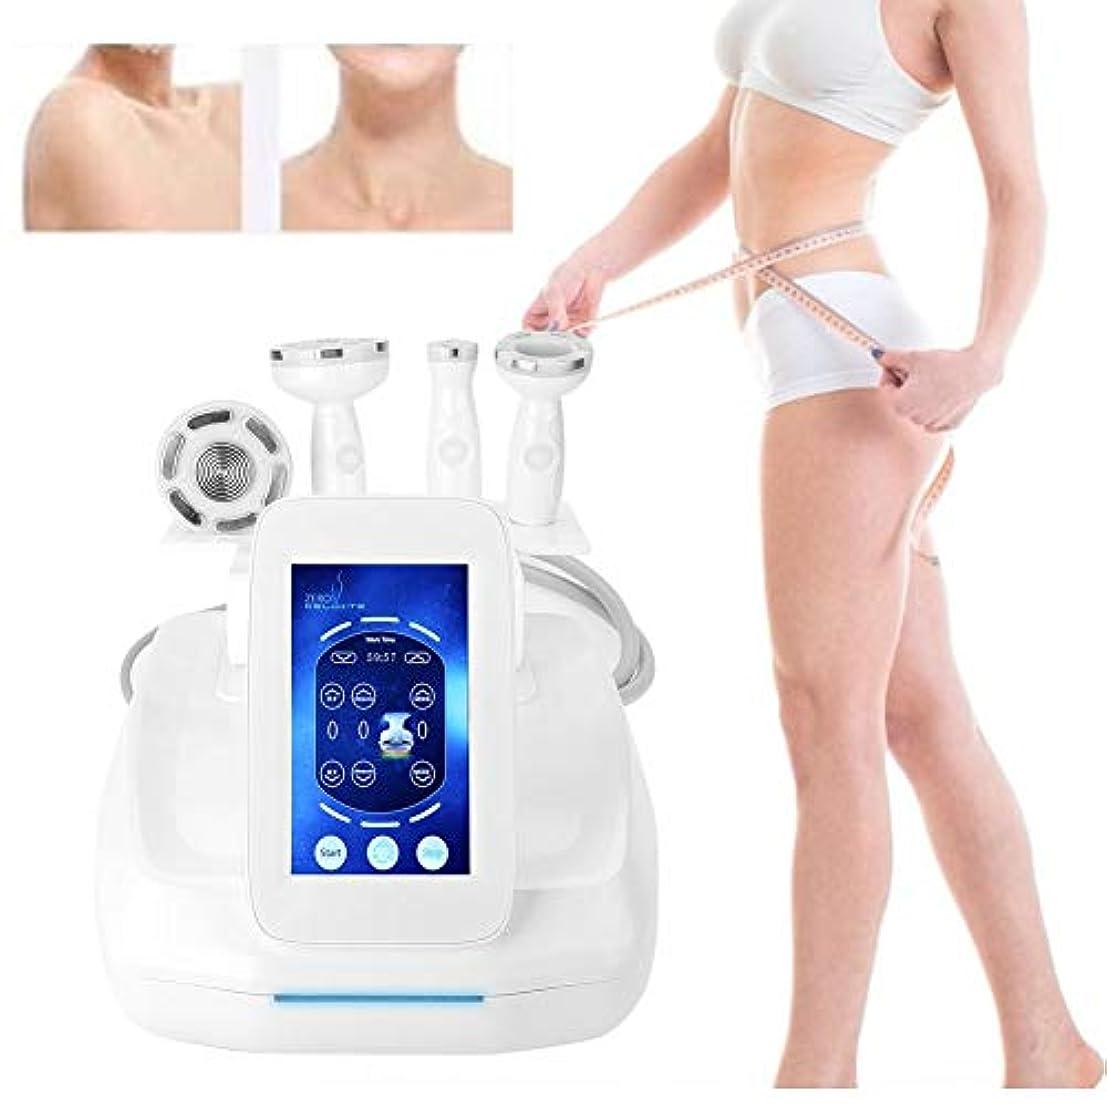 慎重ところで慎重脂肪除去機、多極RF熱可塑性真空ブラストボディシェーピング器具皮膚リフティングマッサージャー(US)